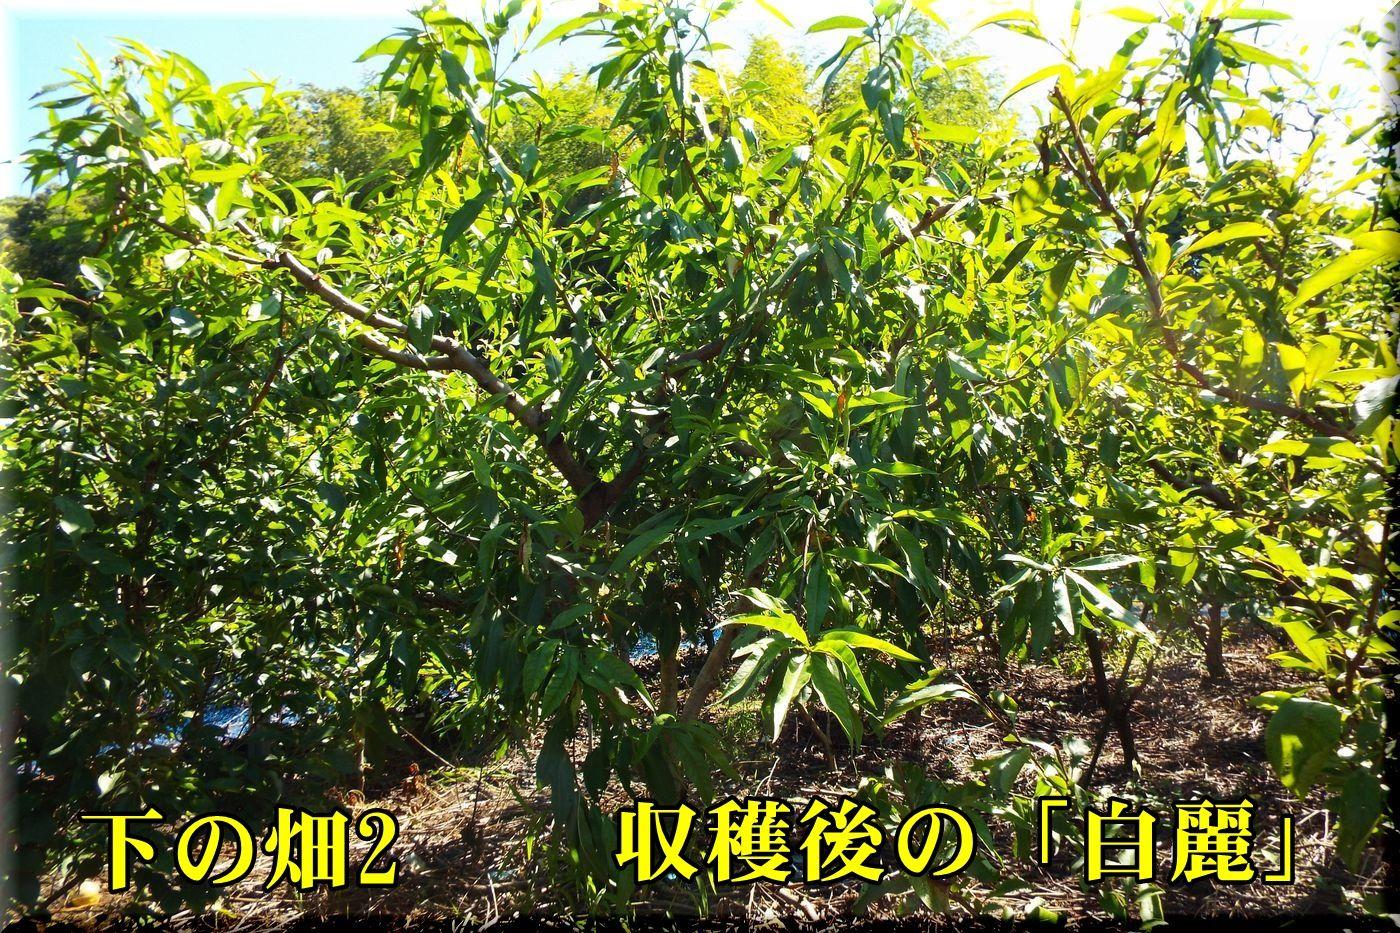 1hakurei160808_007.jpg